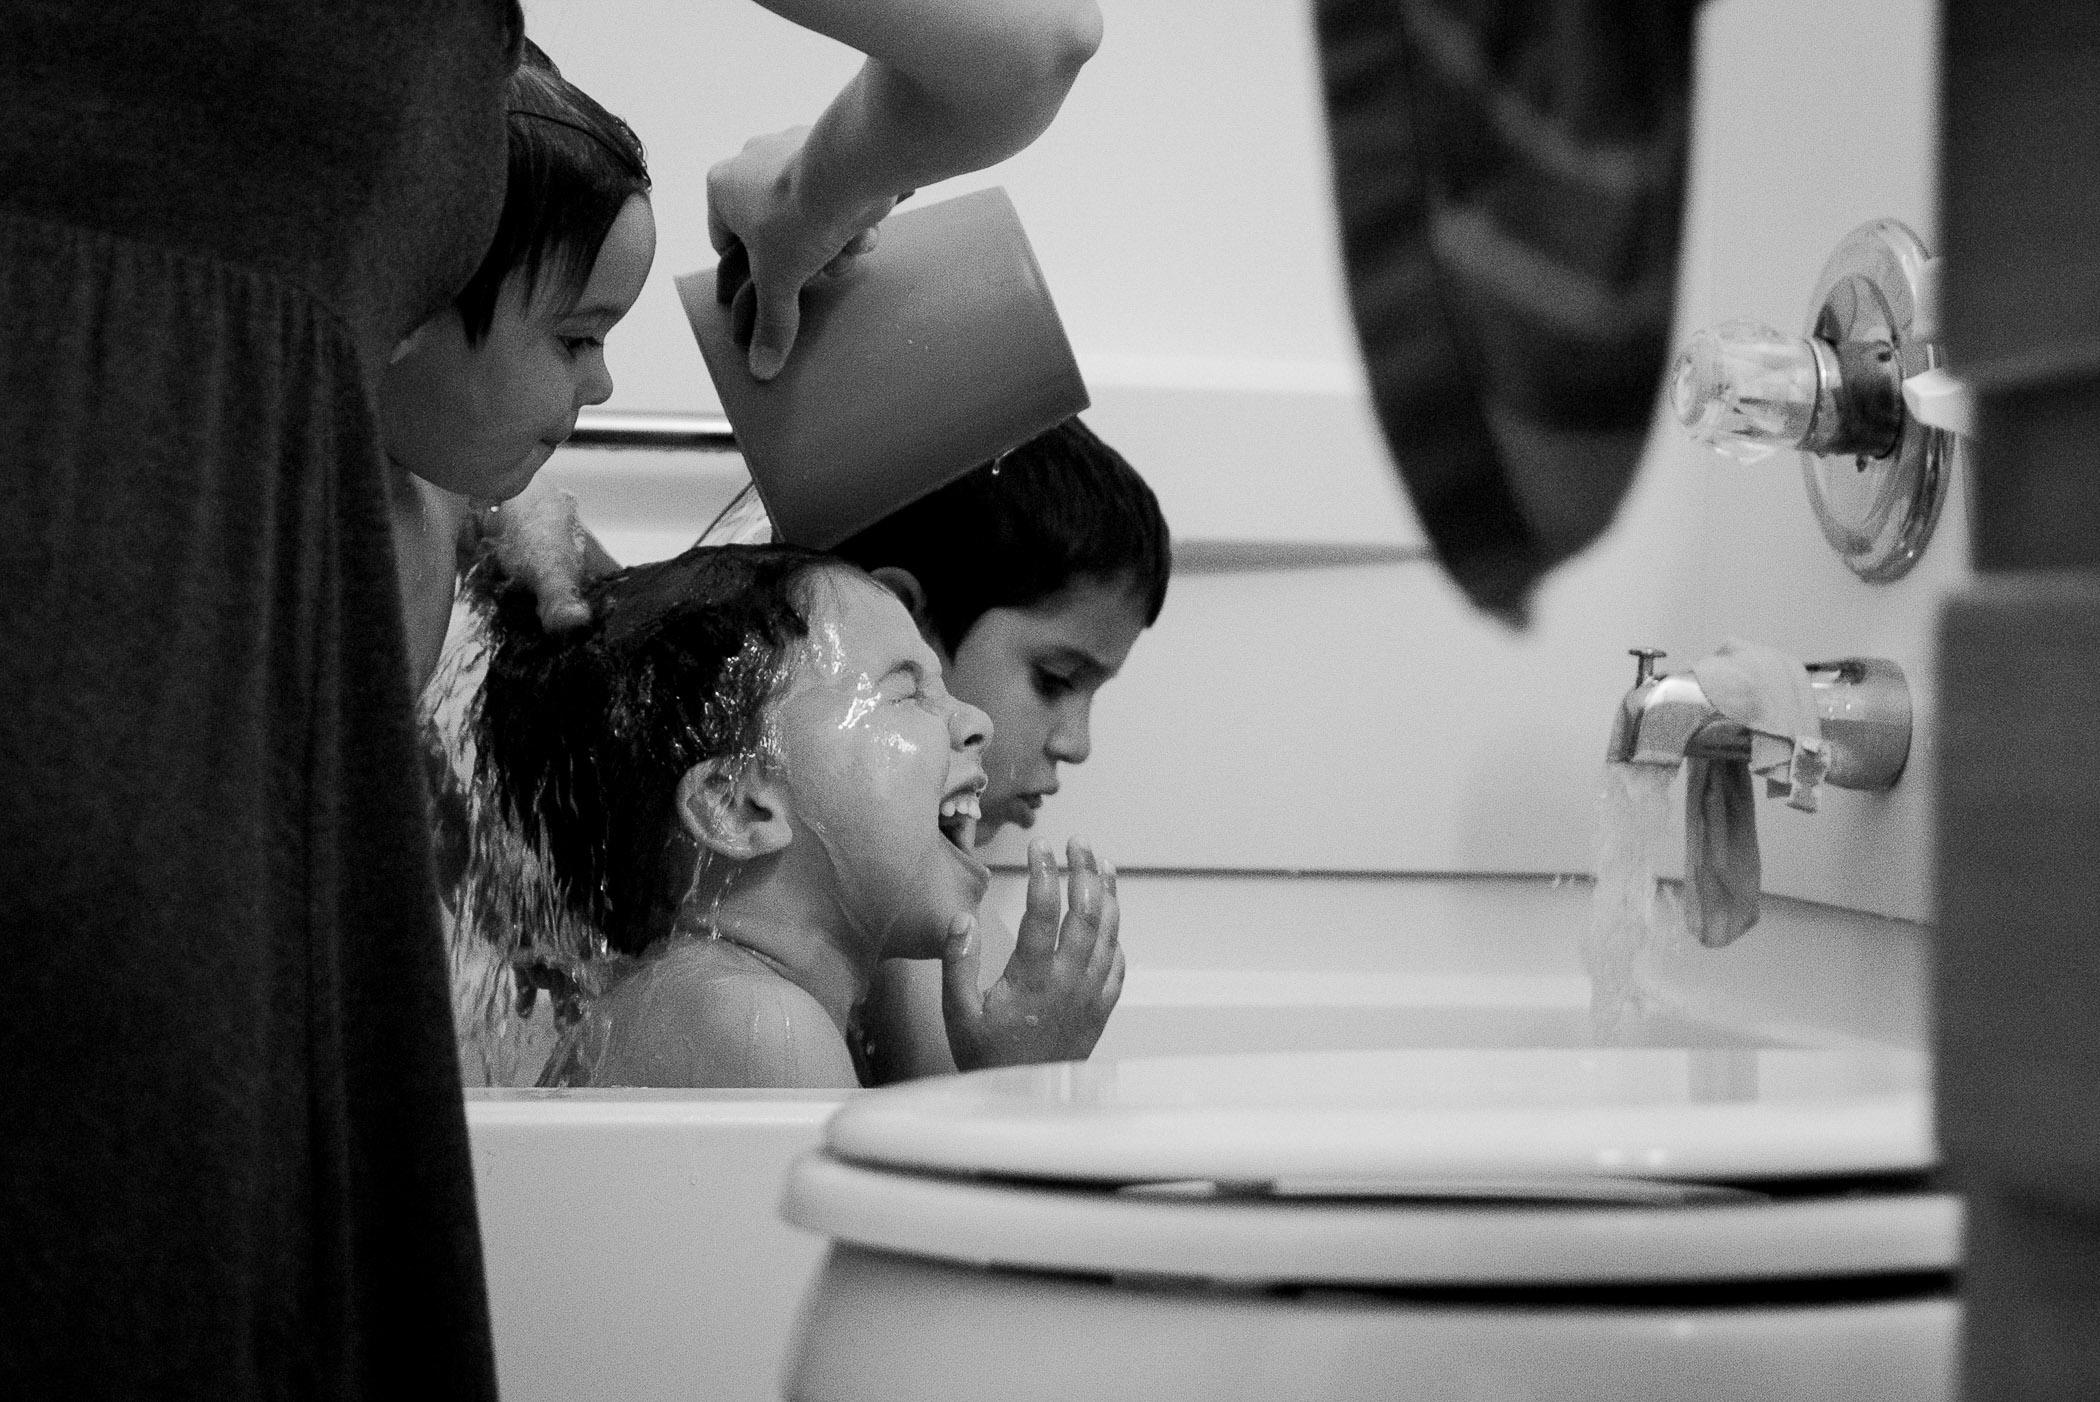 Albuquerque Newborn and Family Photographer SMA Photography Portfolio-2.jpg